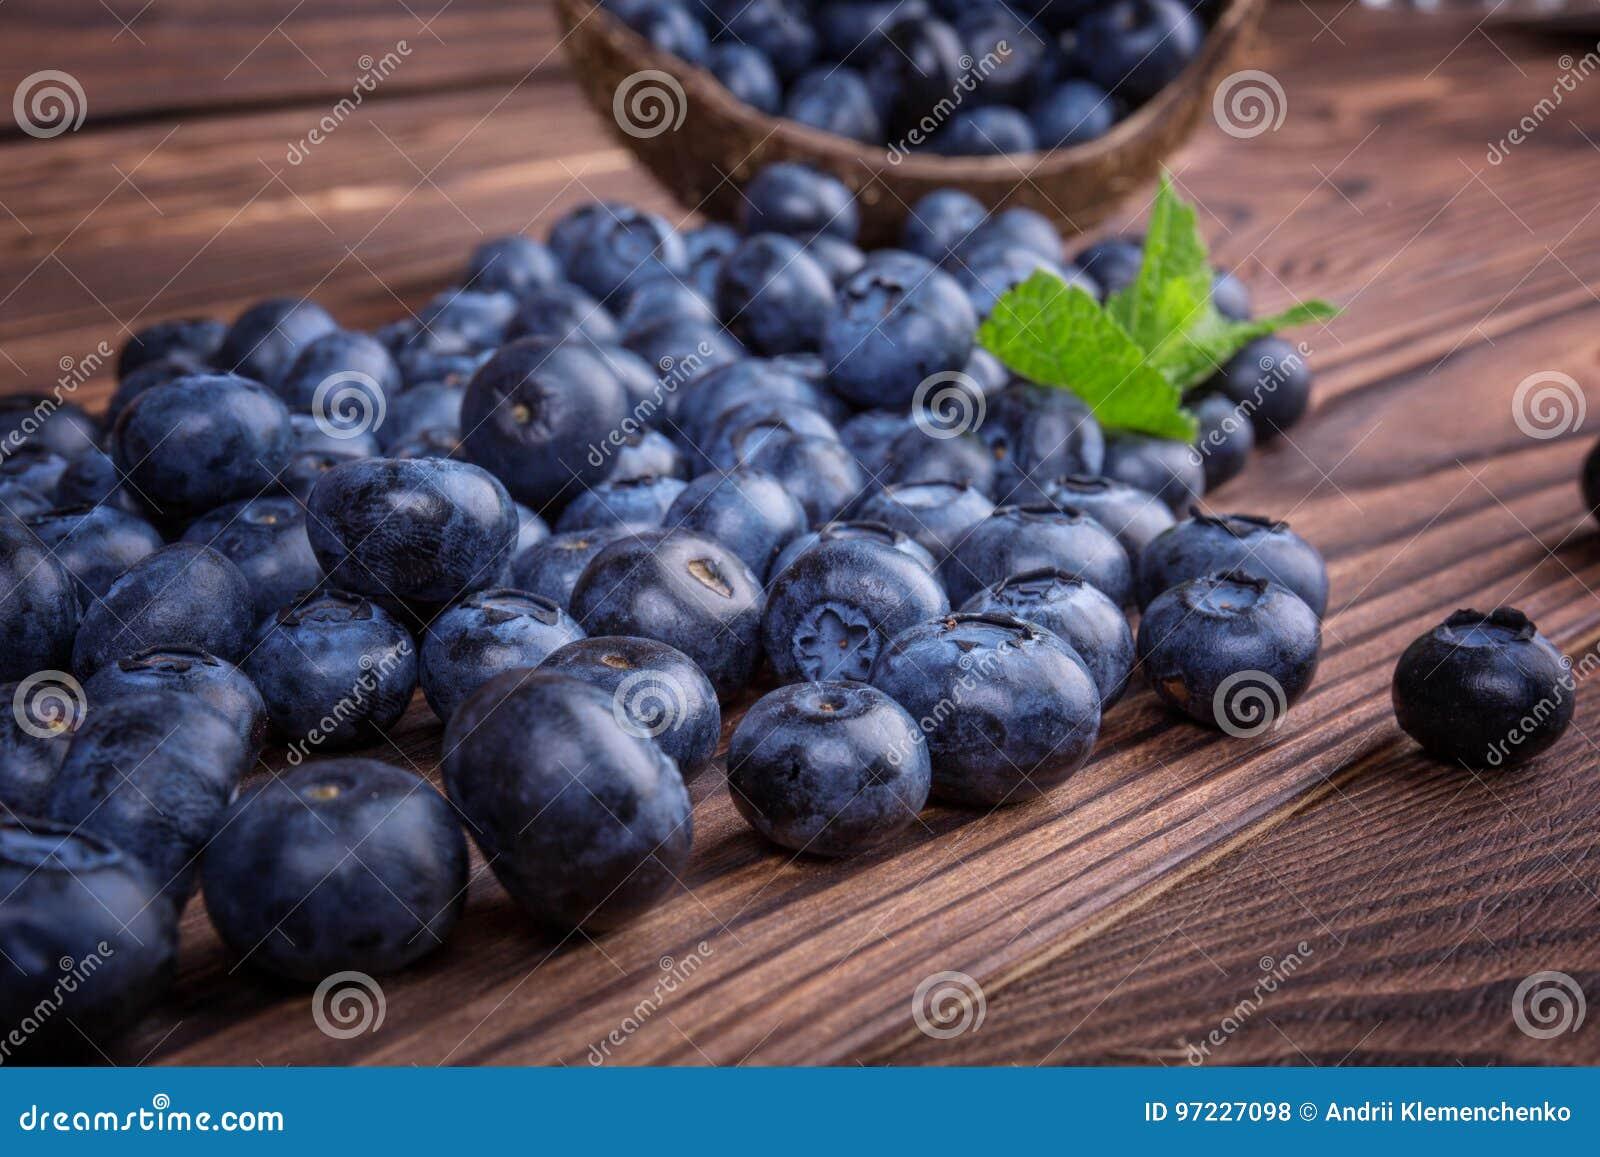 Nytt och ljust blåbär i en träspjällåda, närbild Sunt, moget, rått och ljust mörker - blåa bär på en träbakgrund